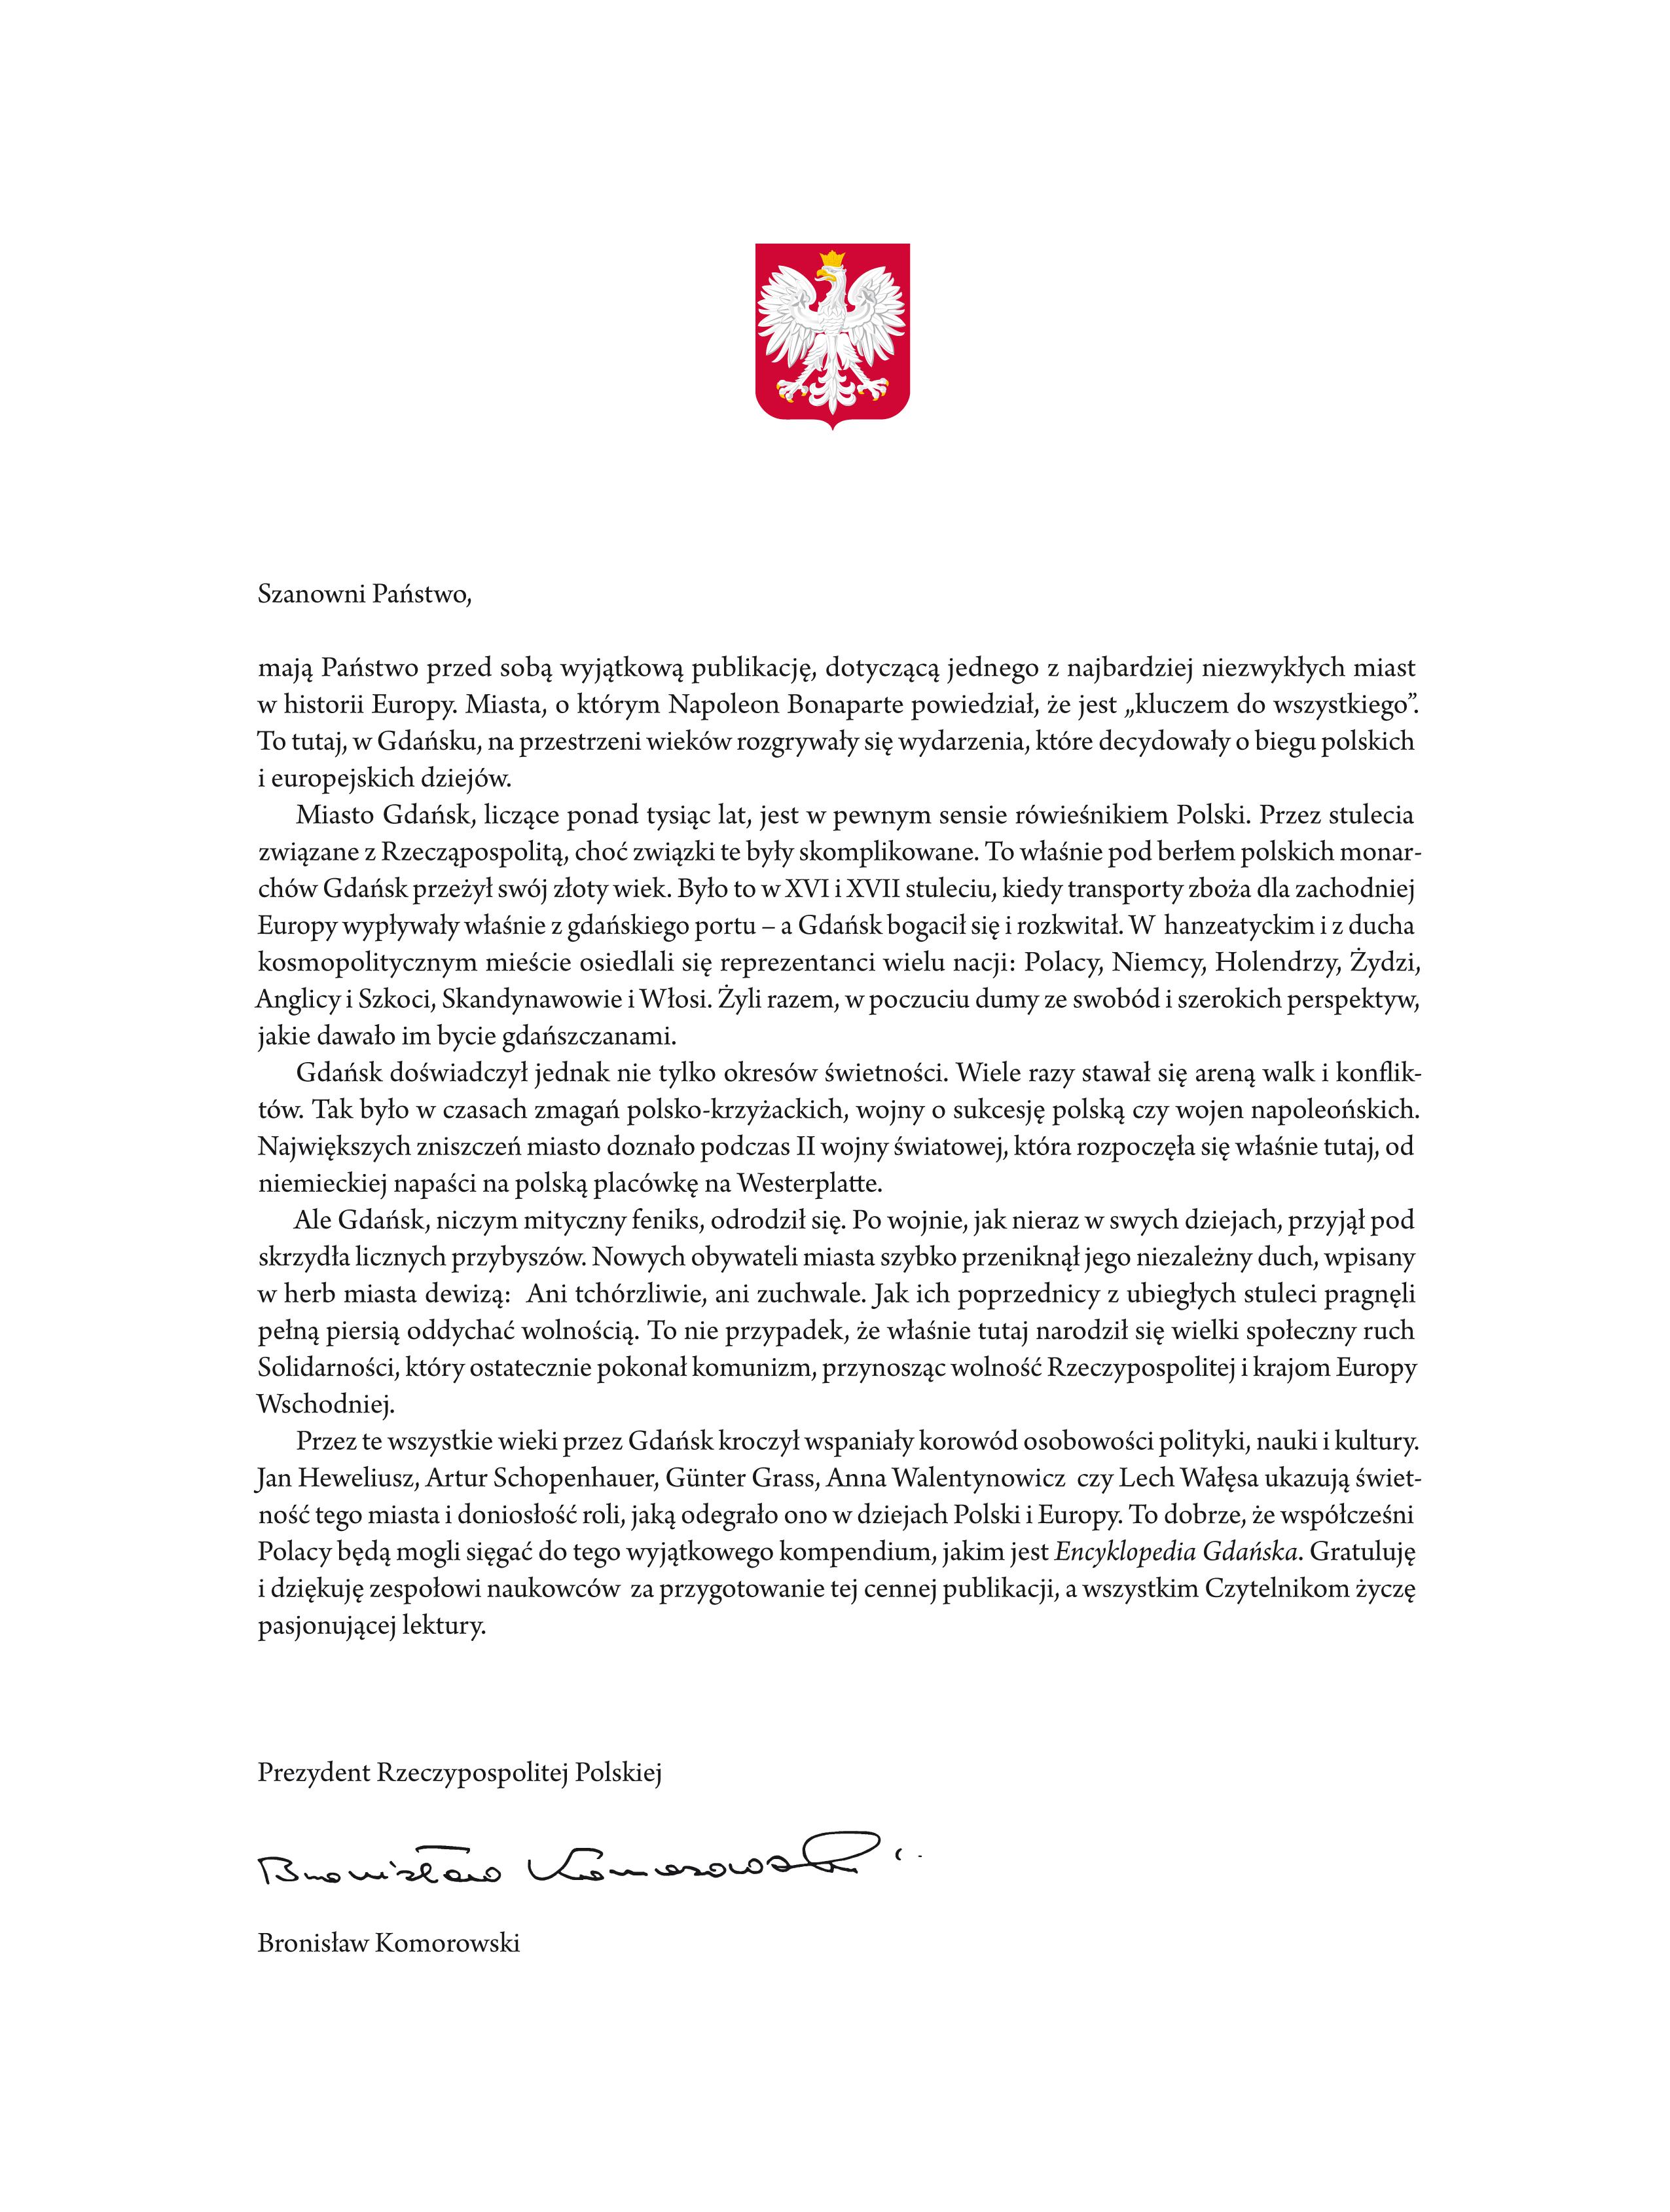 Wstęp-Prezydenta-RP.jpg